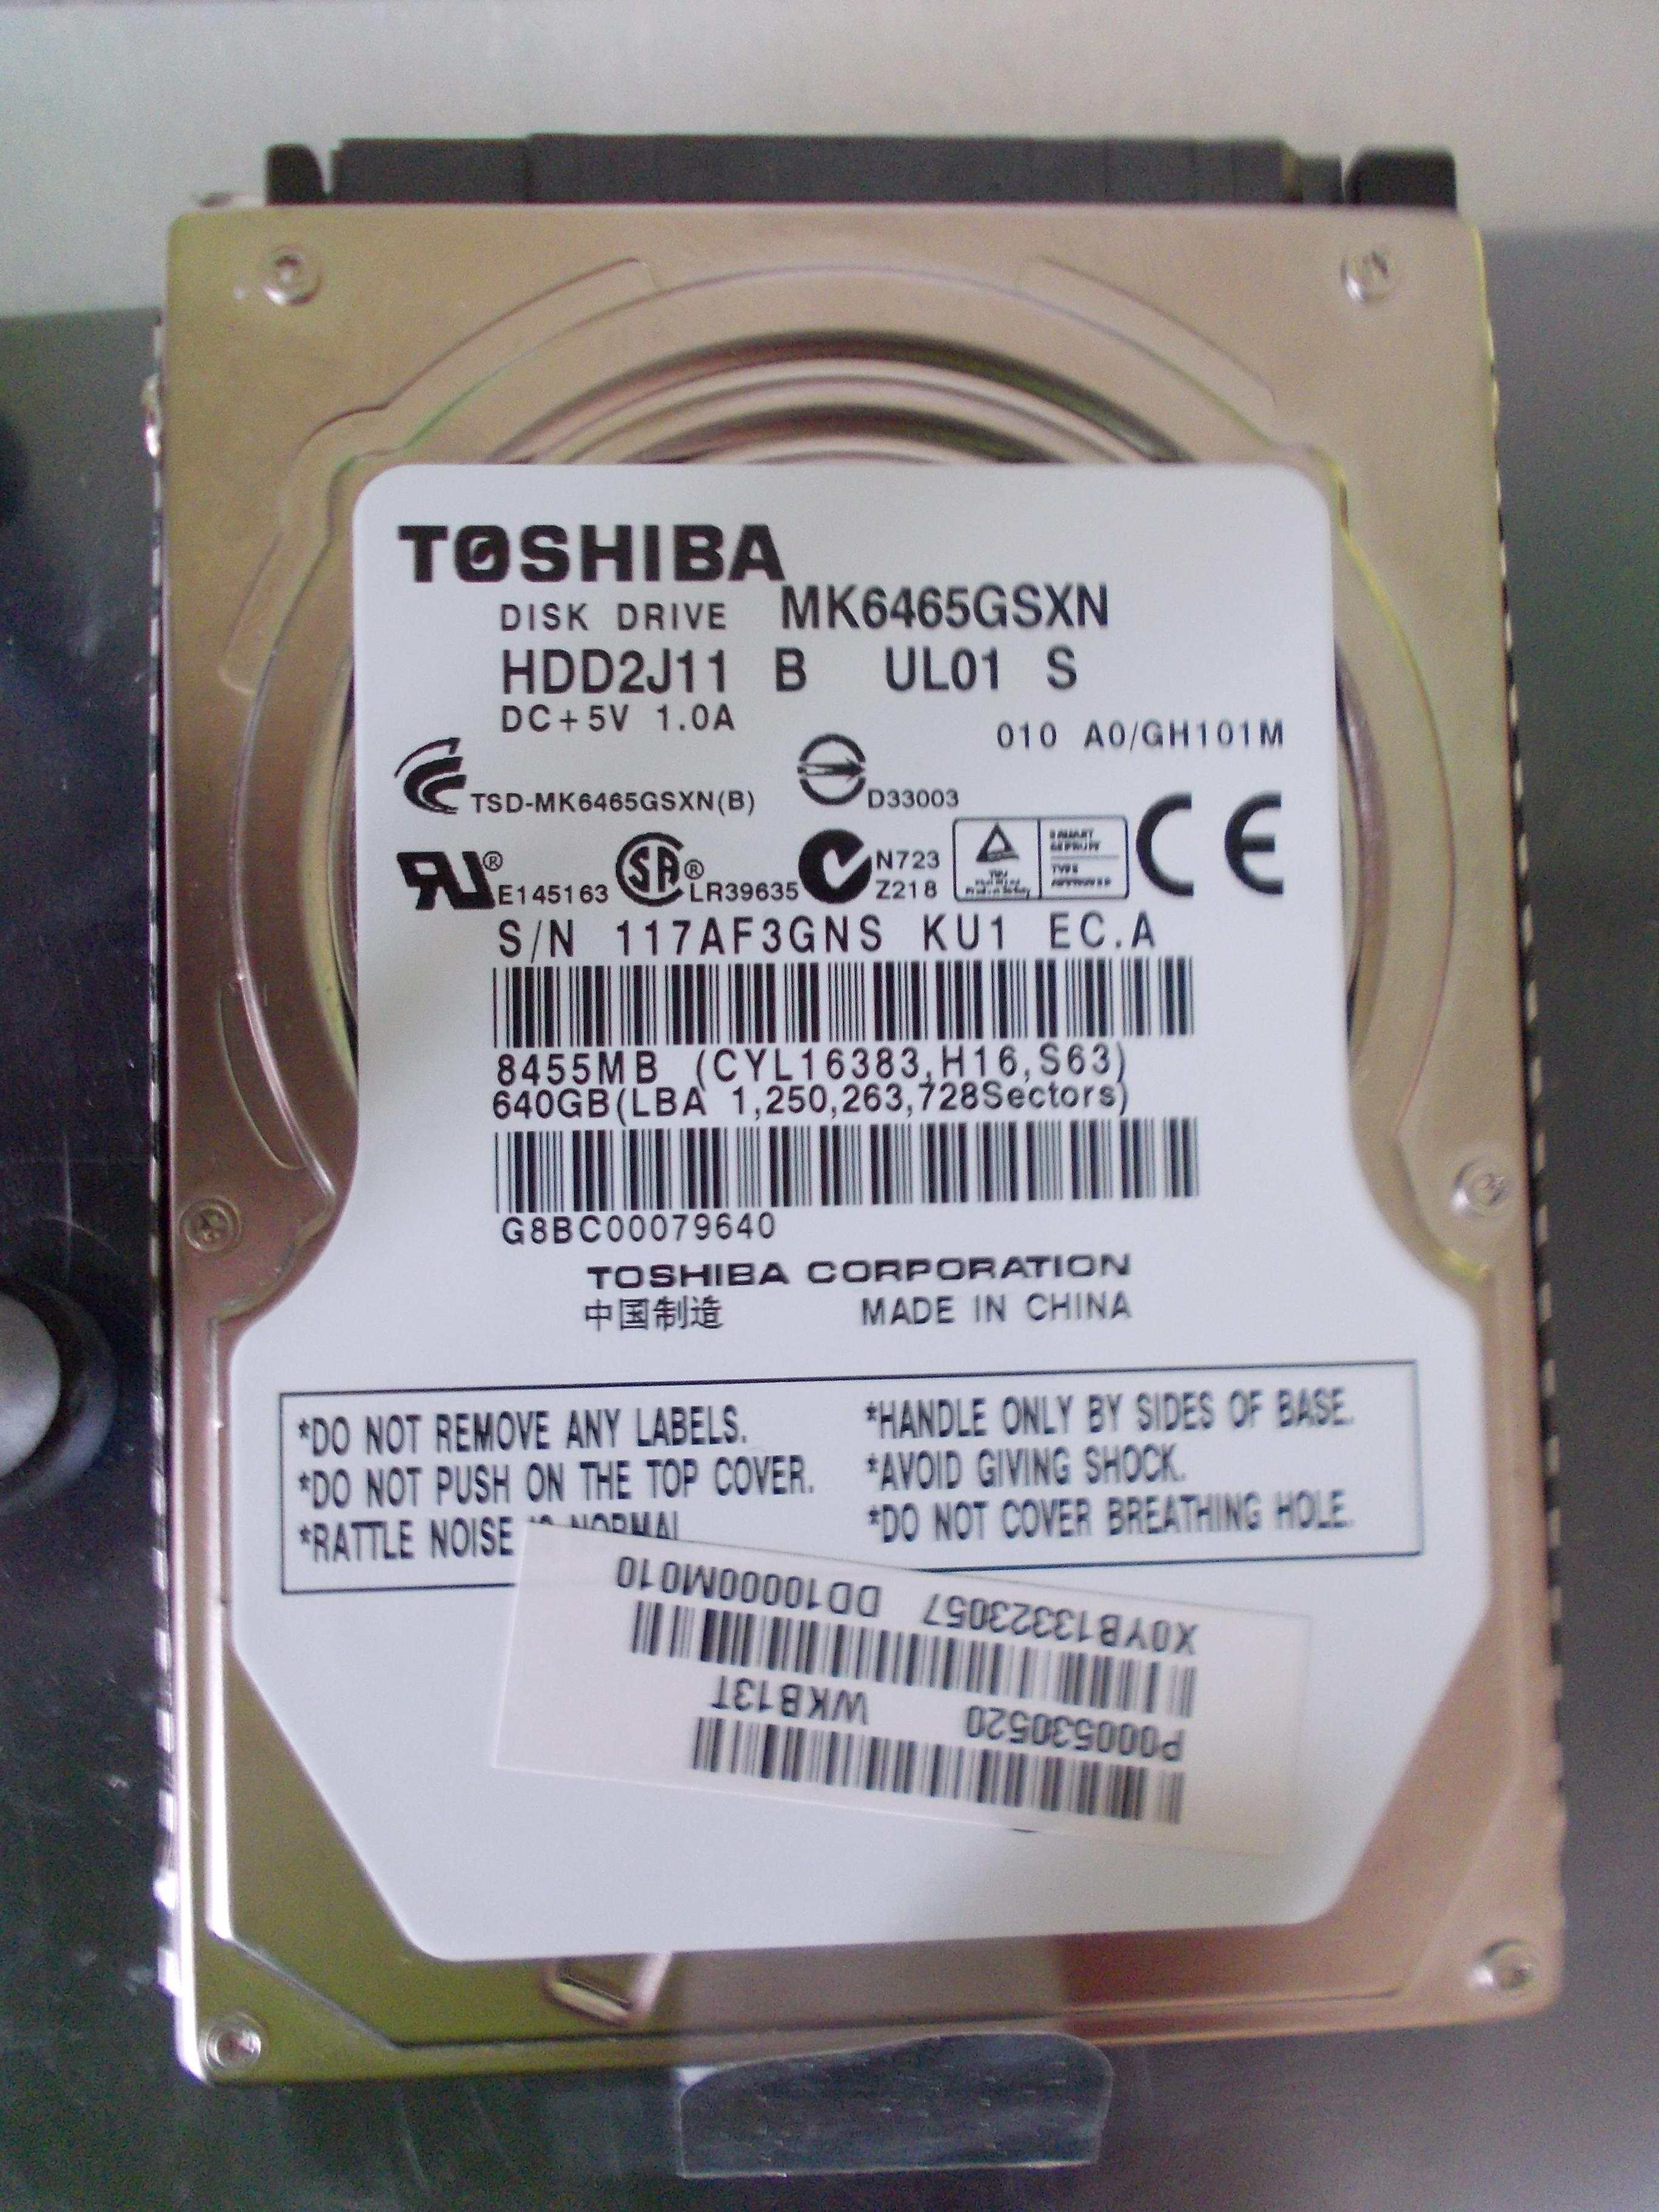 [Kupi�] [kupi�]ELEKTRONIK� LUB CA�Y DYSK HDD TOSHIBA MK6465GSXN